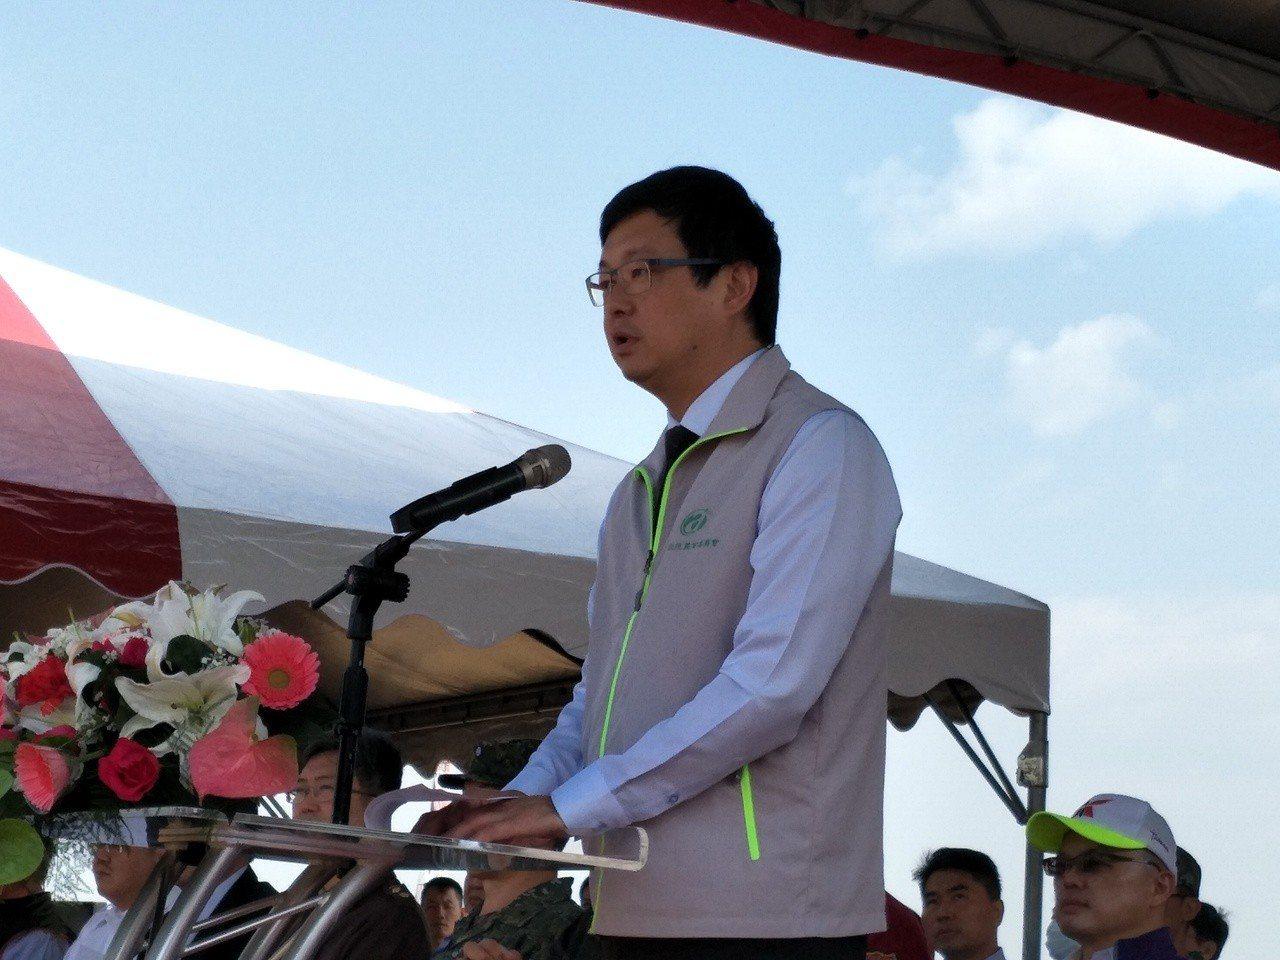 農委會副主委李退之強調,設法將疫情阻絕於境外。記者謝進盛/攝影